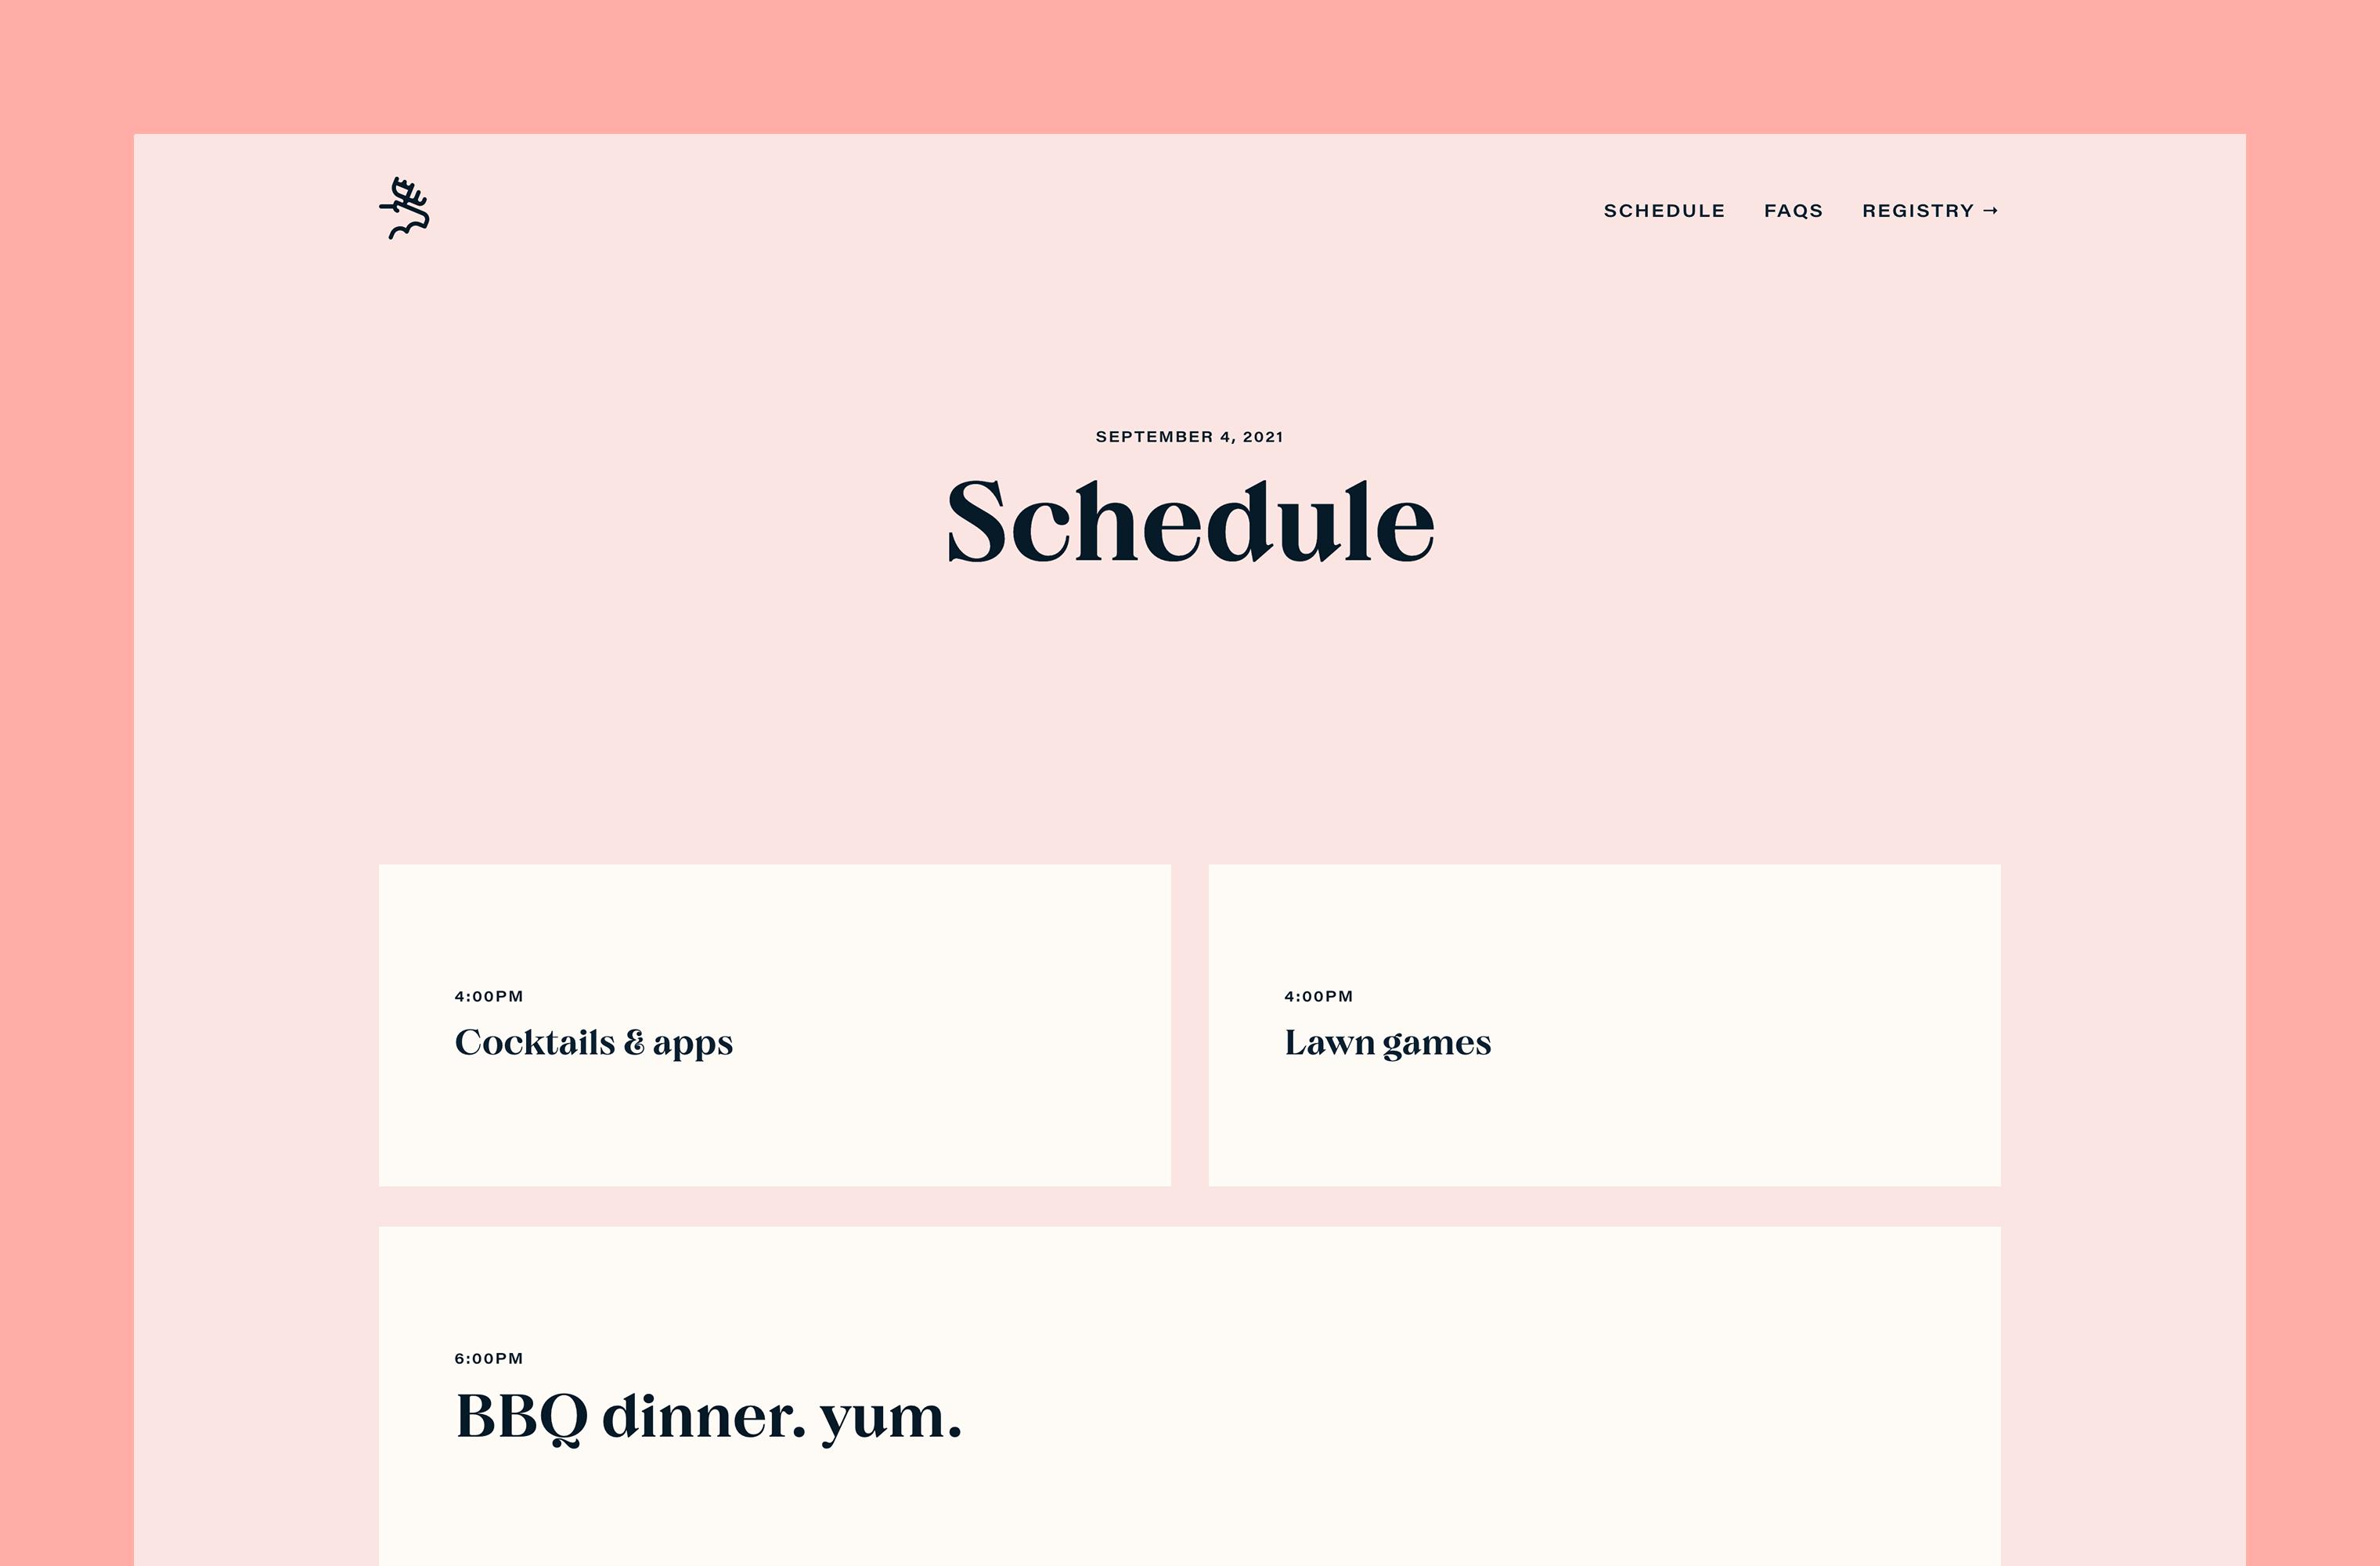 Desktop 'Schedule' page for the Ten Years website